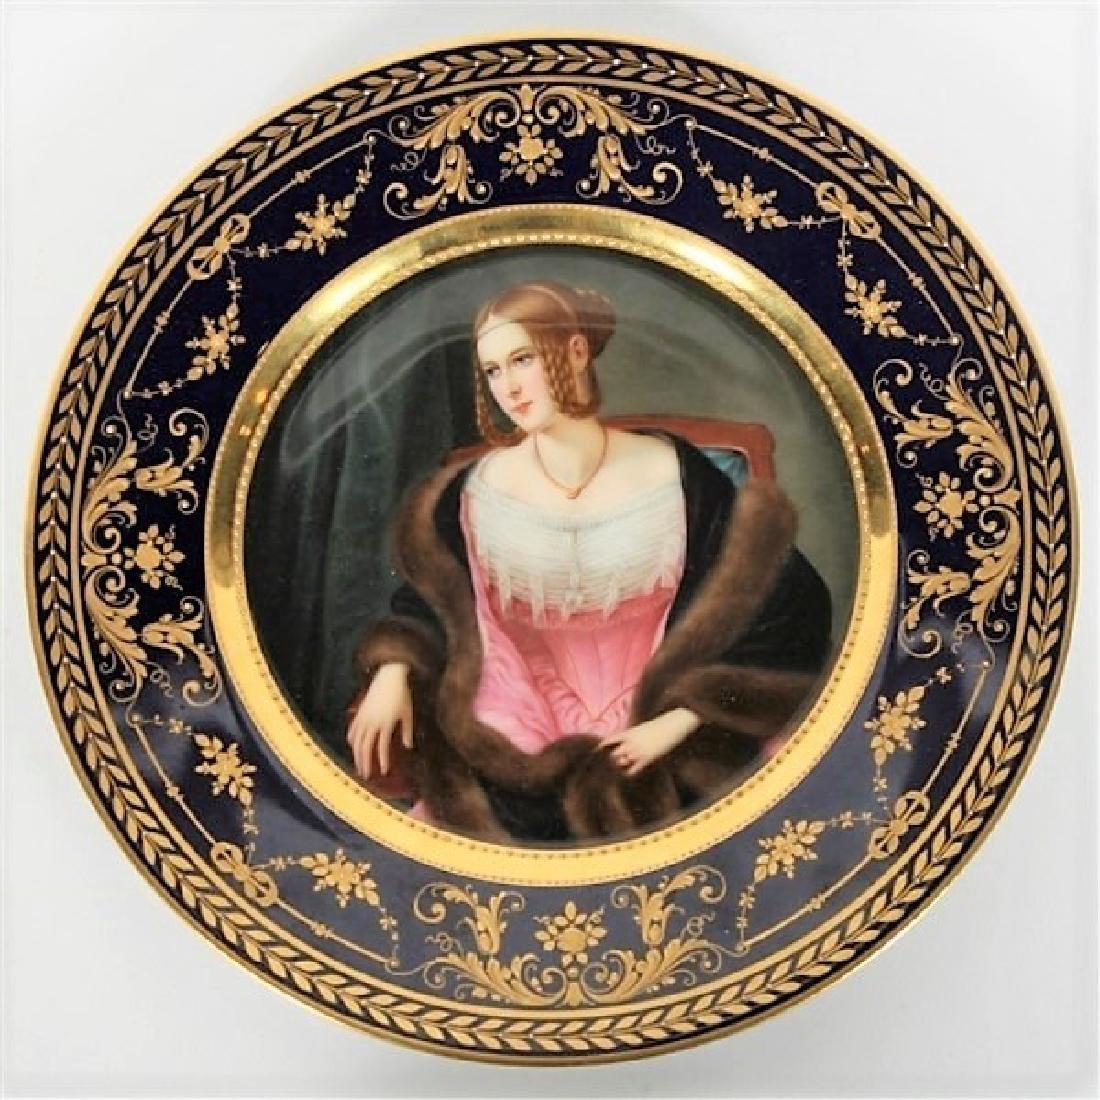 Hutschenreuther Porcelain Portrait Cabinet Plate